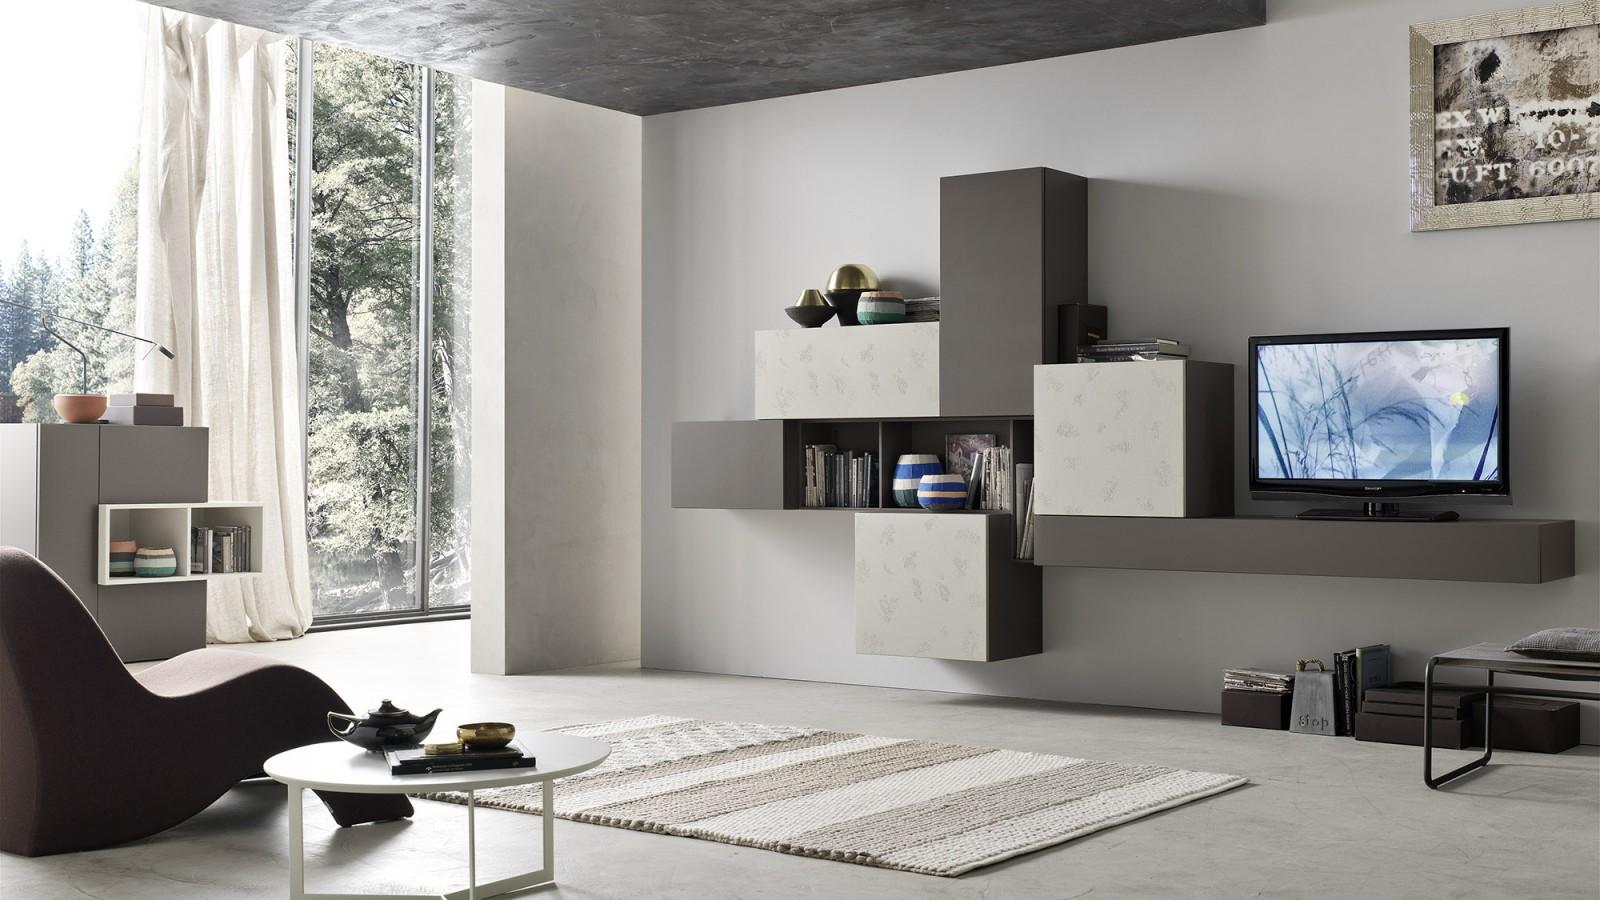 orme-arredamento-soggiorno-comp7-1-modulo-1600x900